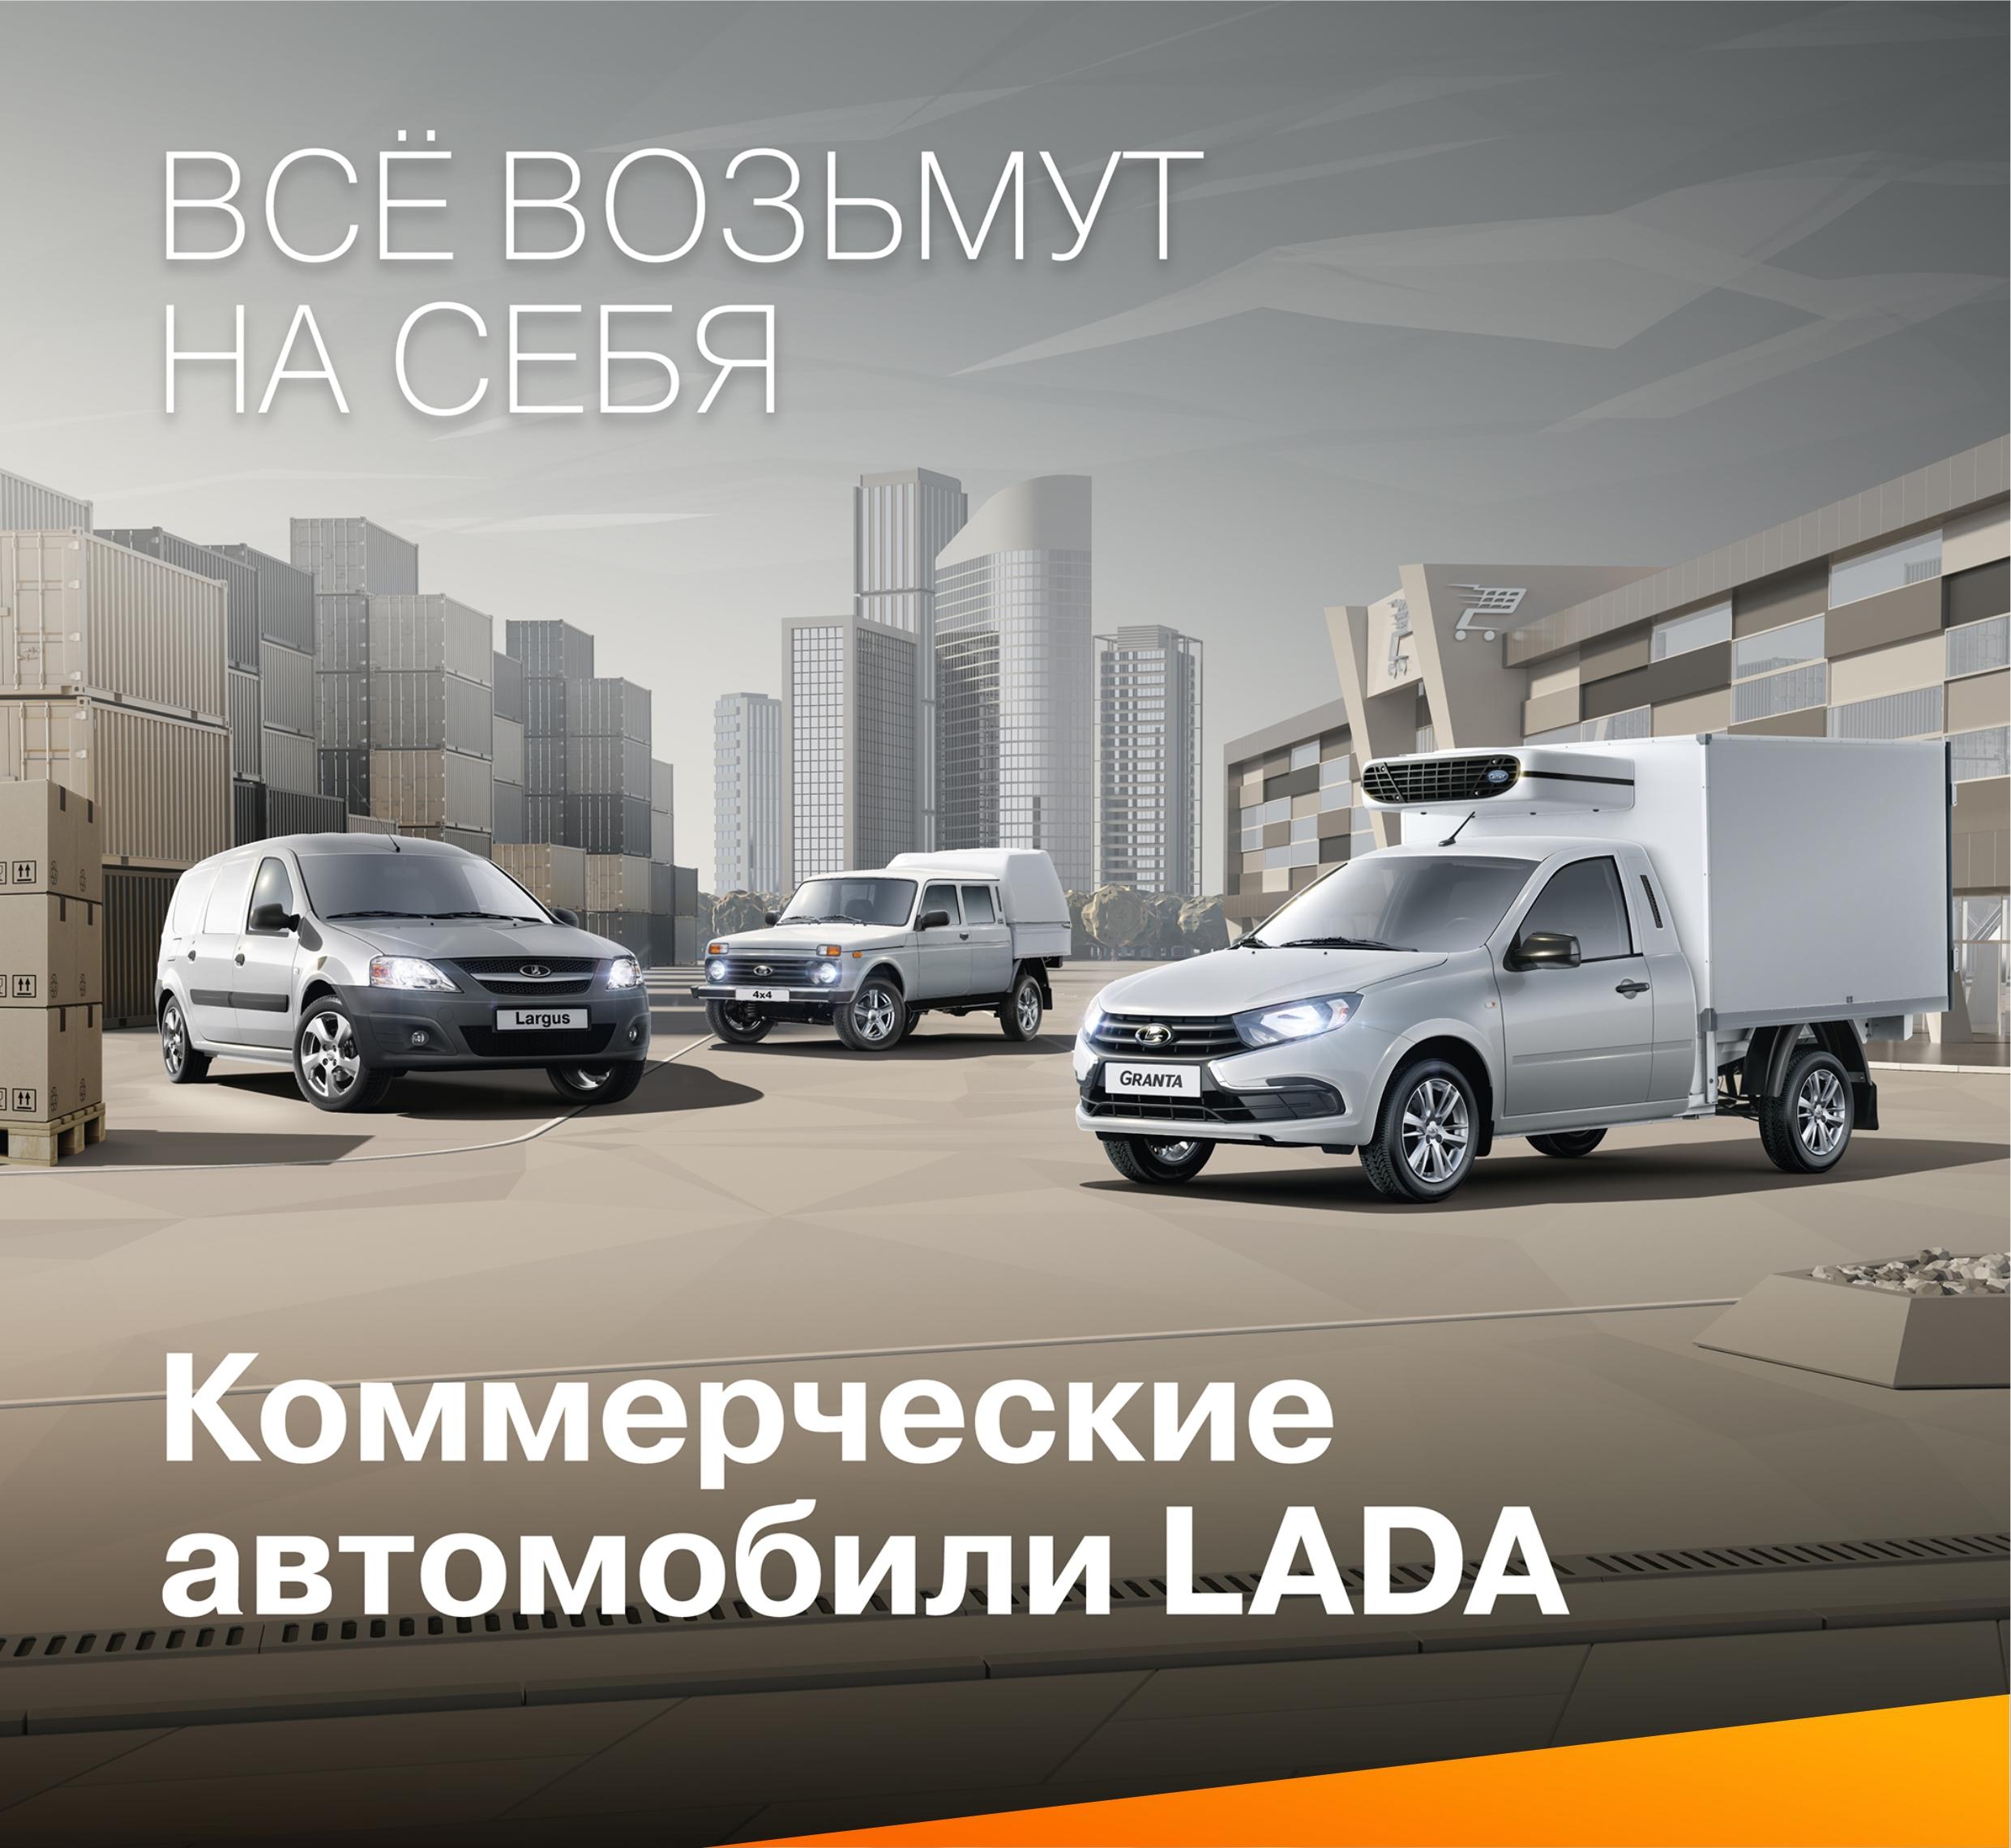 Коммерческие автомобили LADA